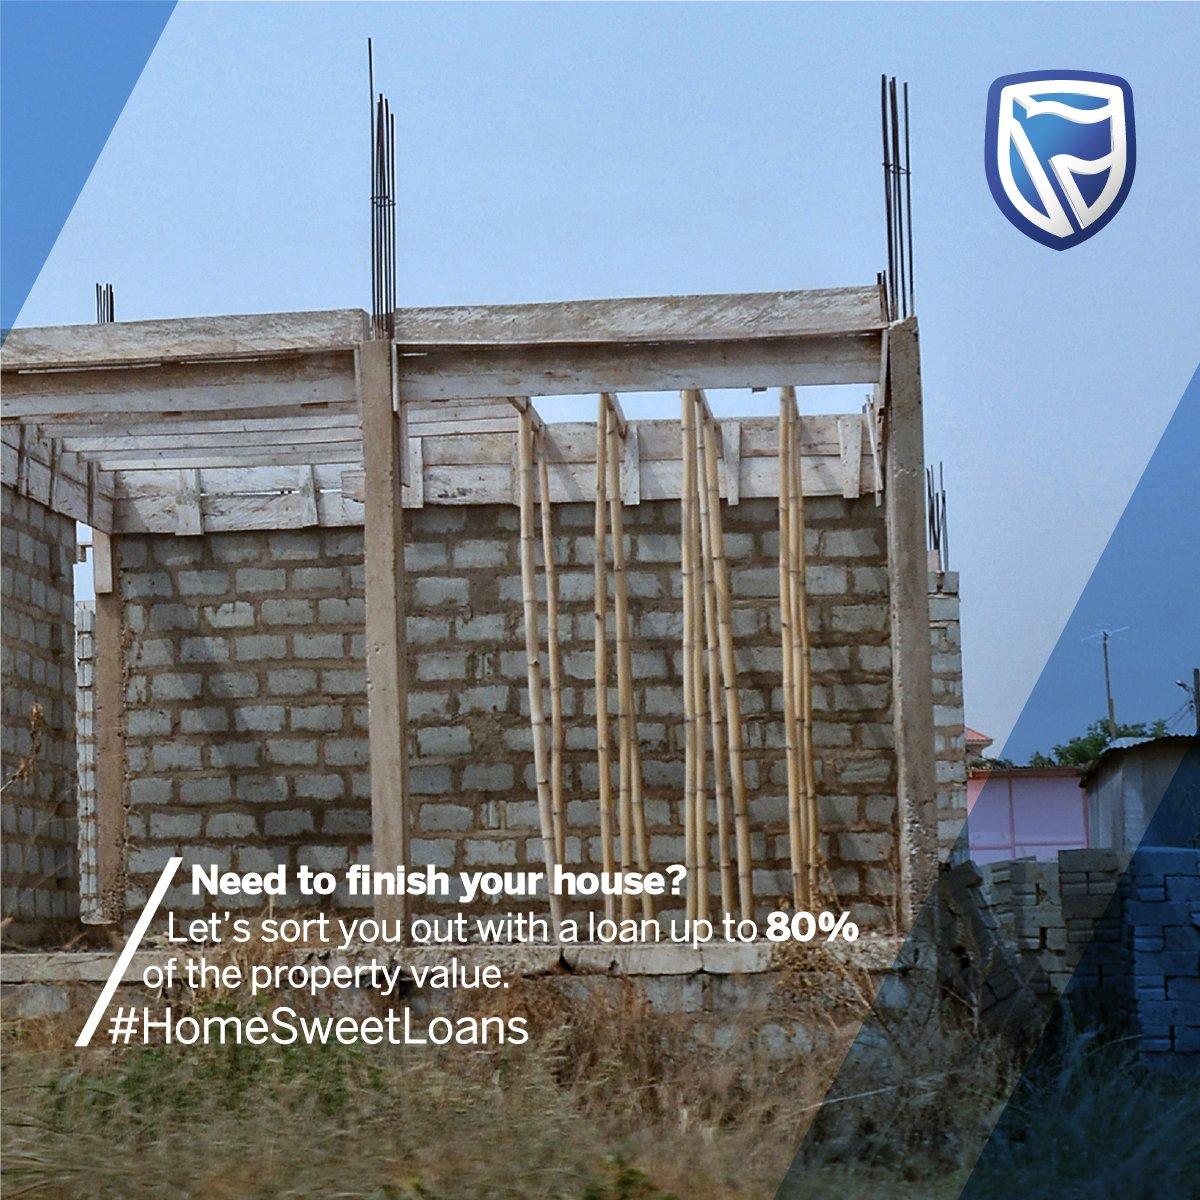 Stanbic Bank Uganda On Twitter Didyouknow That Homesweetloans